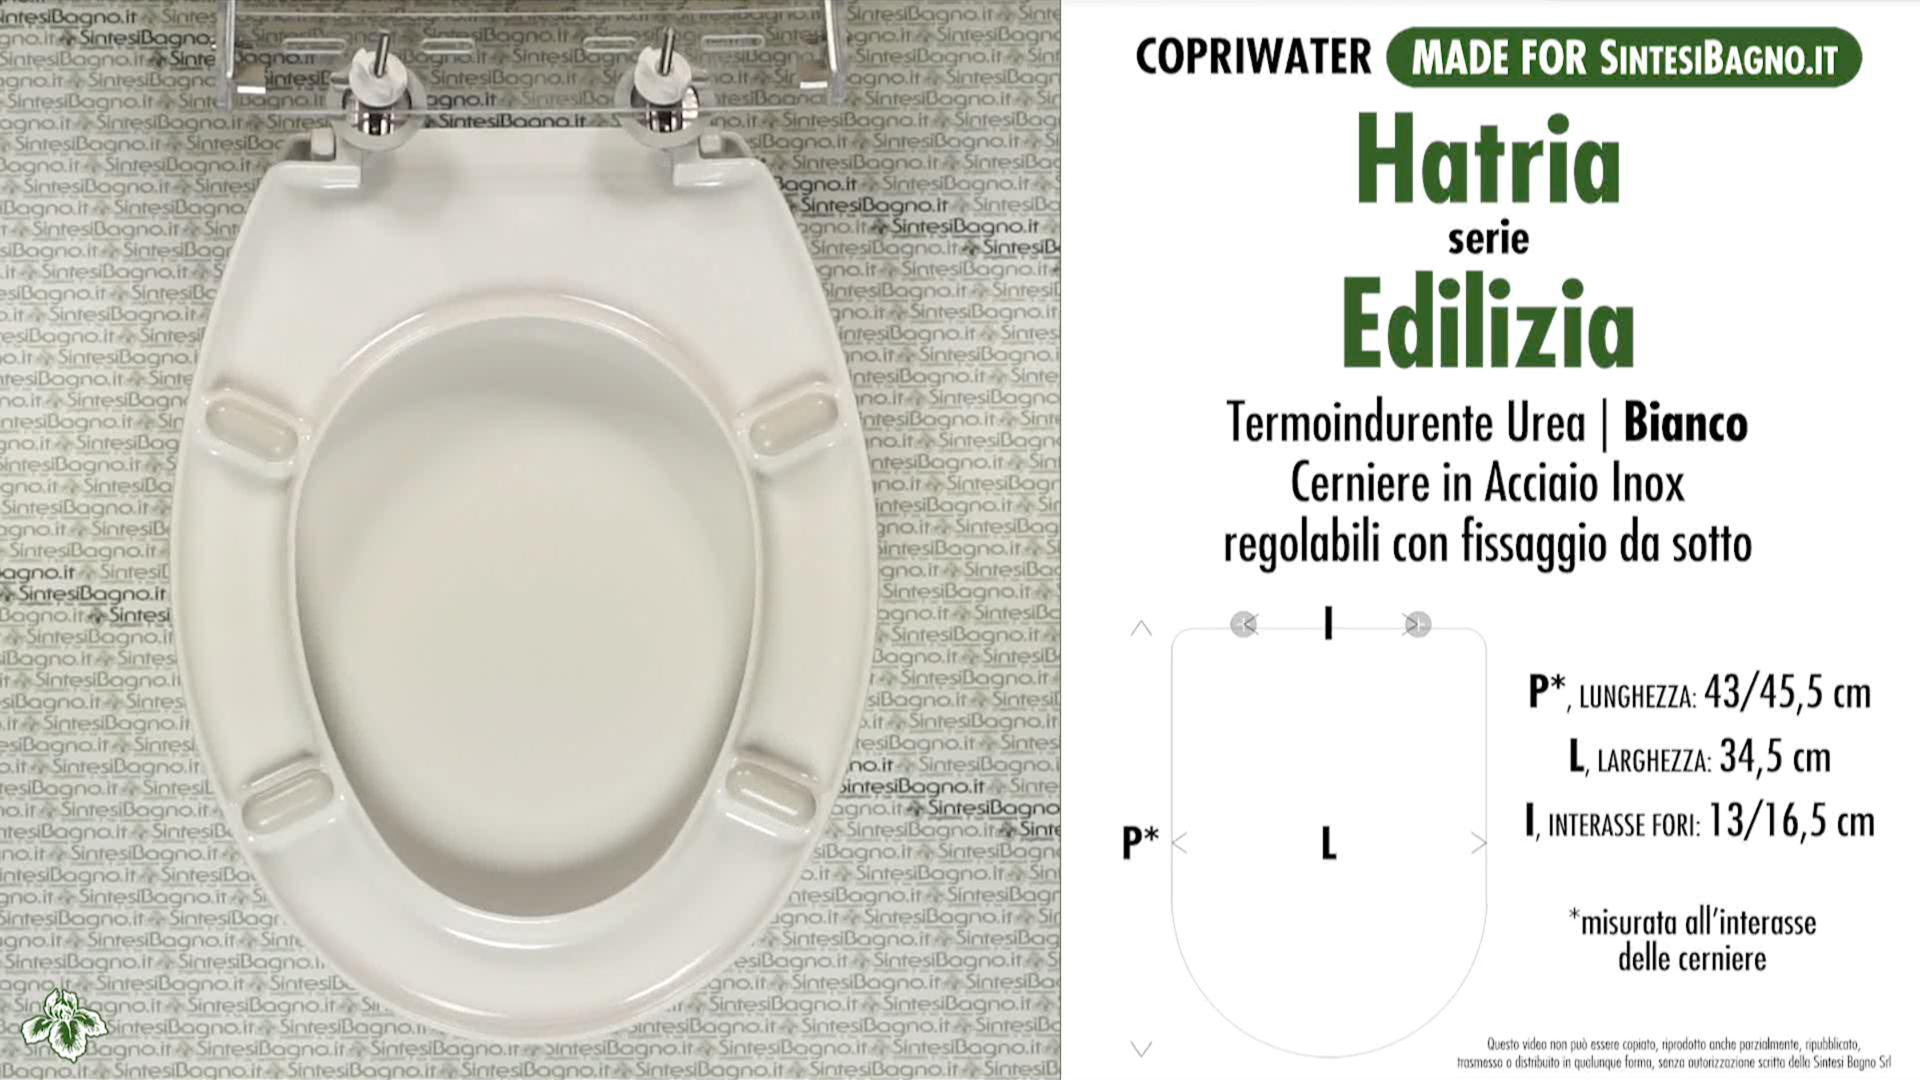 SCHEDA TECNICA MISURE copriwater HATRIA EDILIZIA